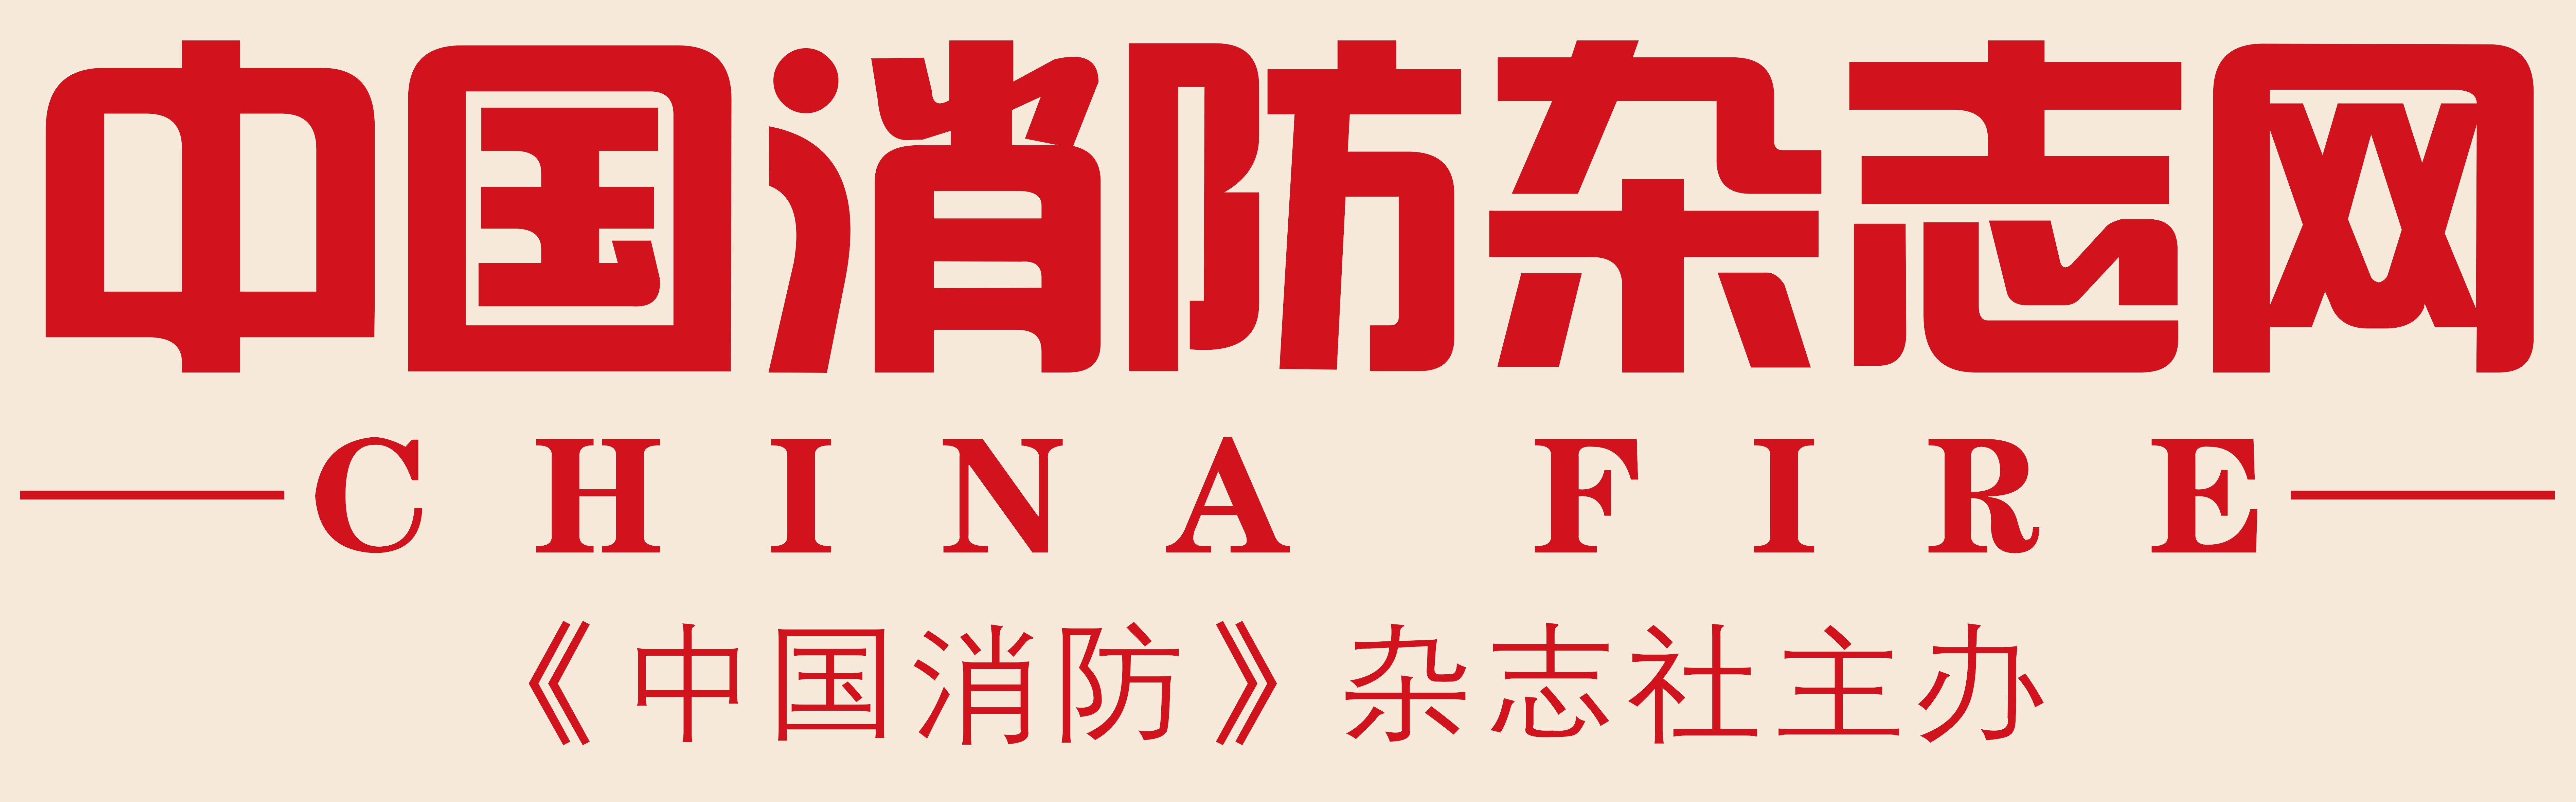 中国消防杂志网